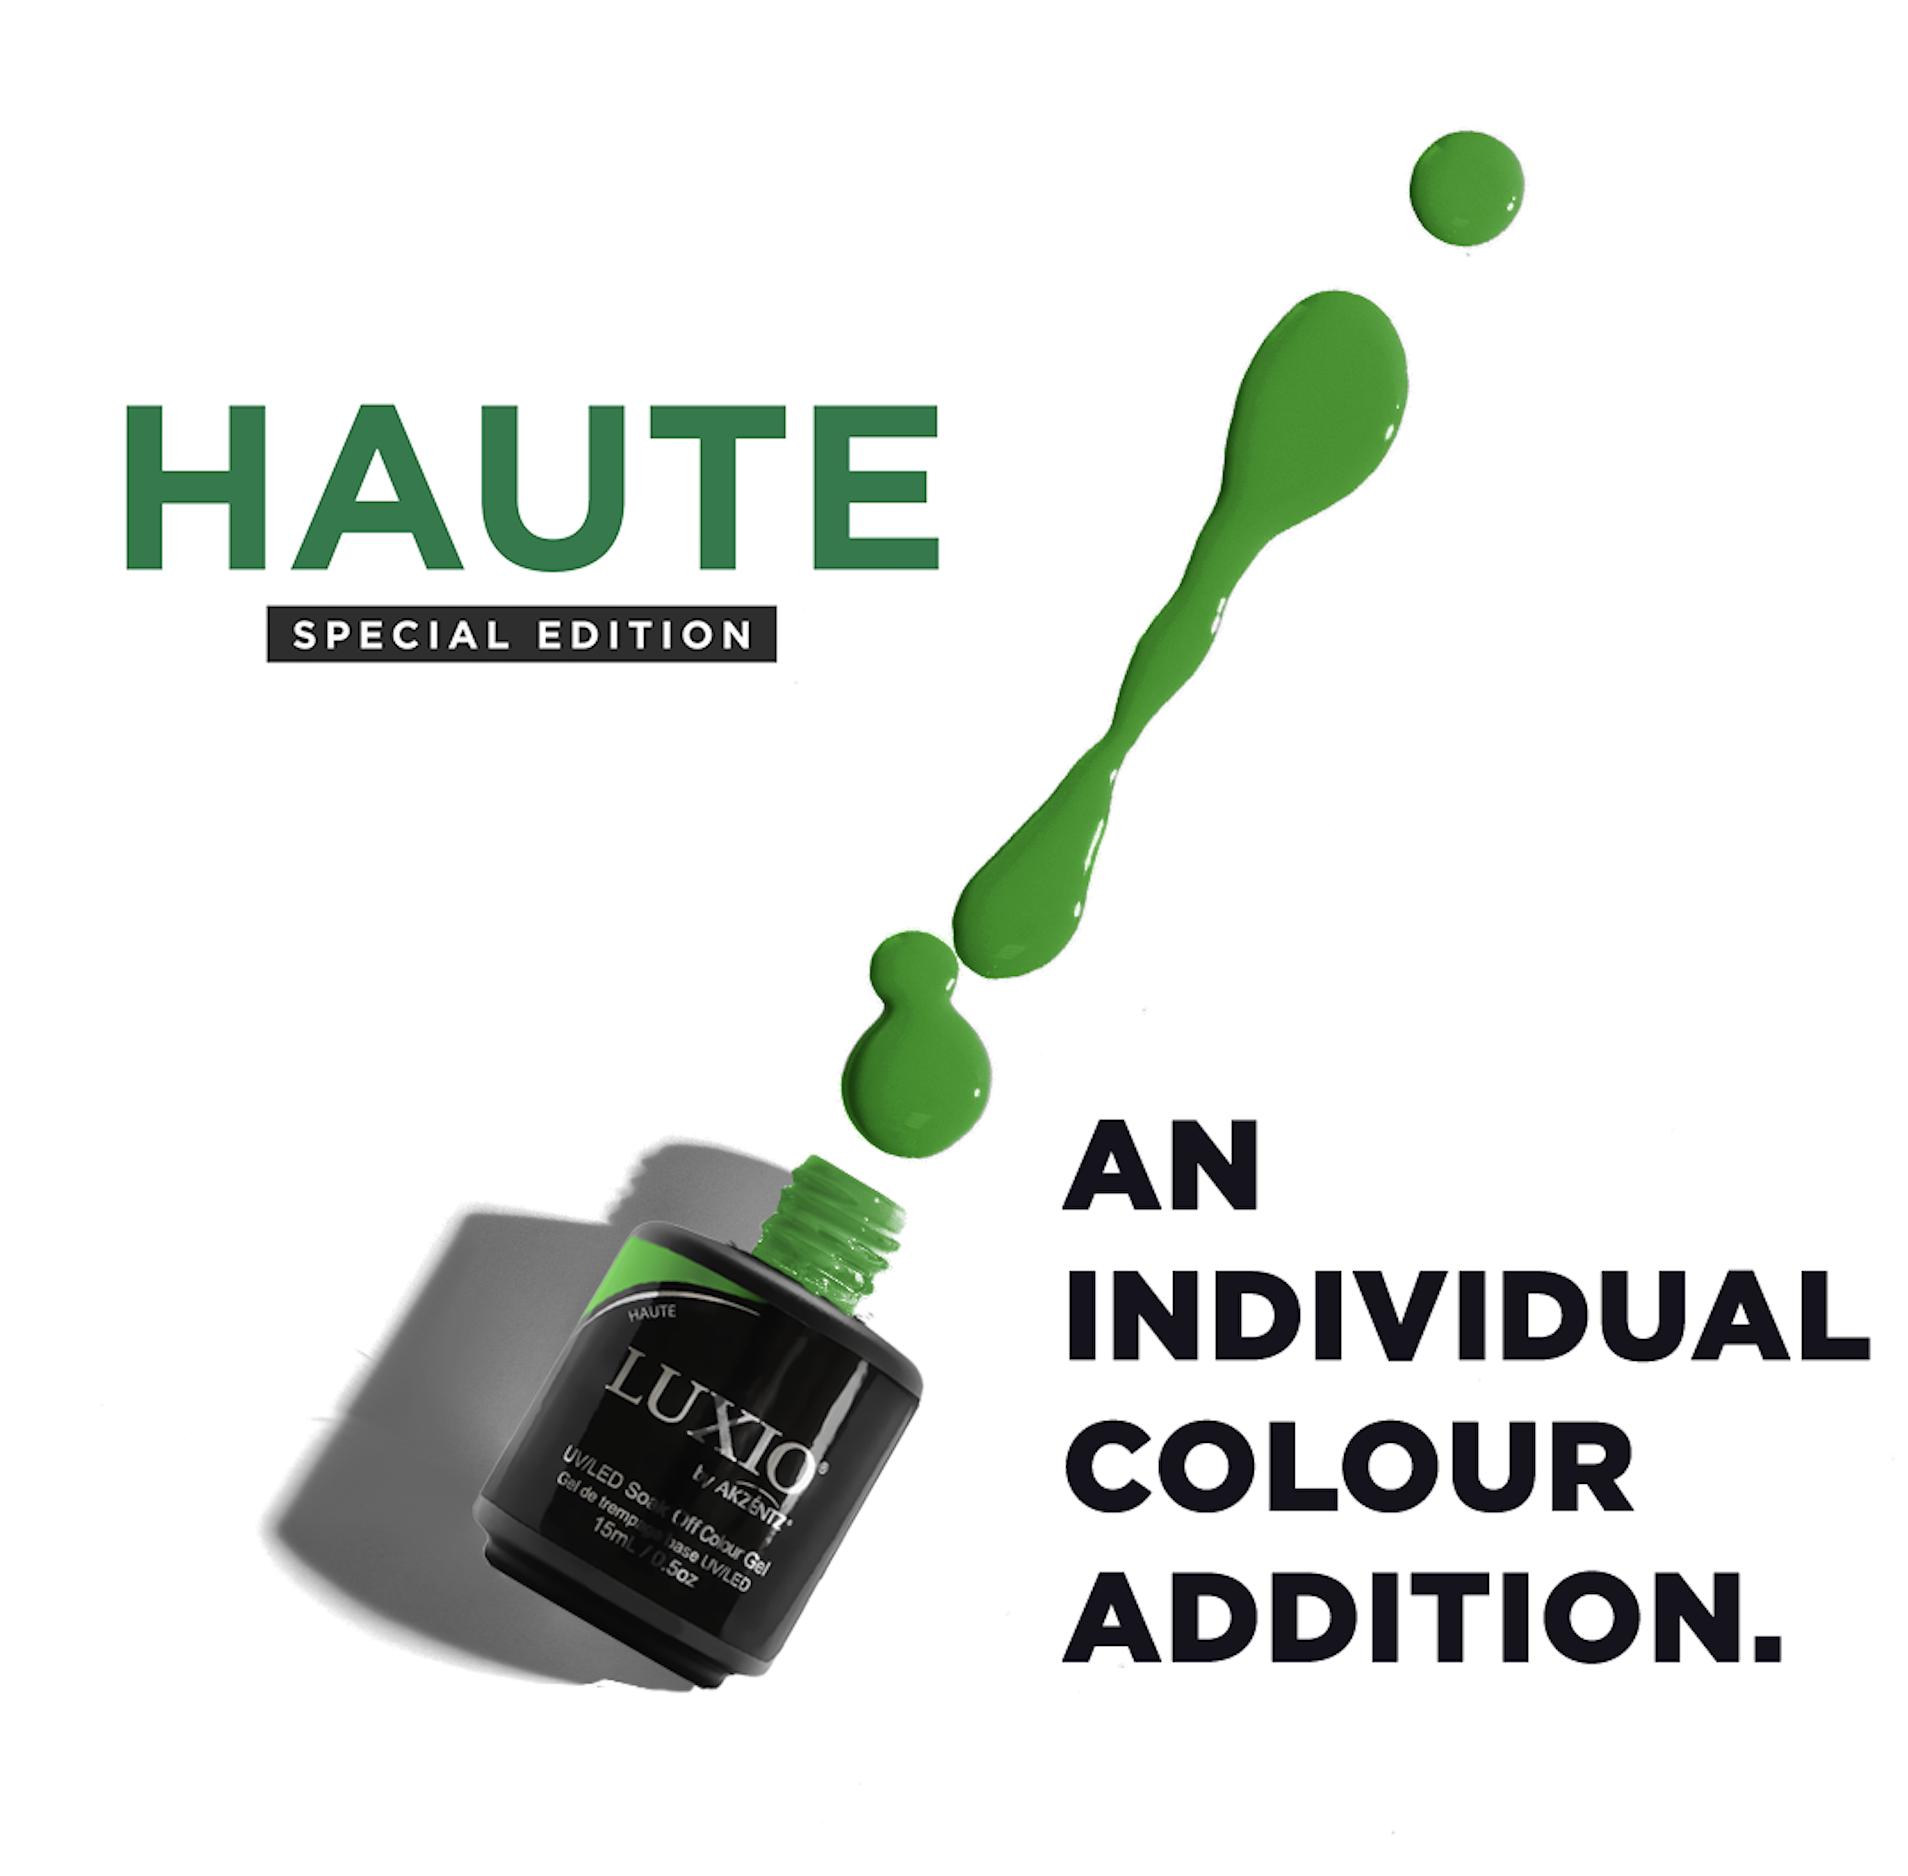 luxio haute green